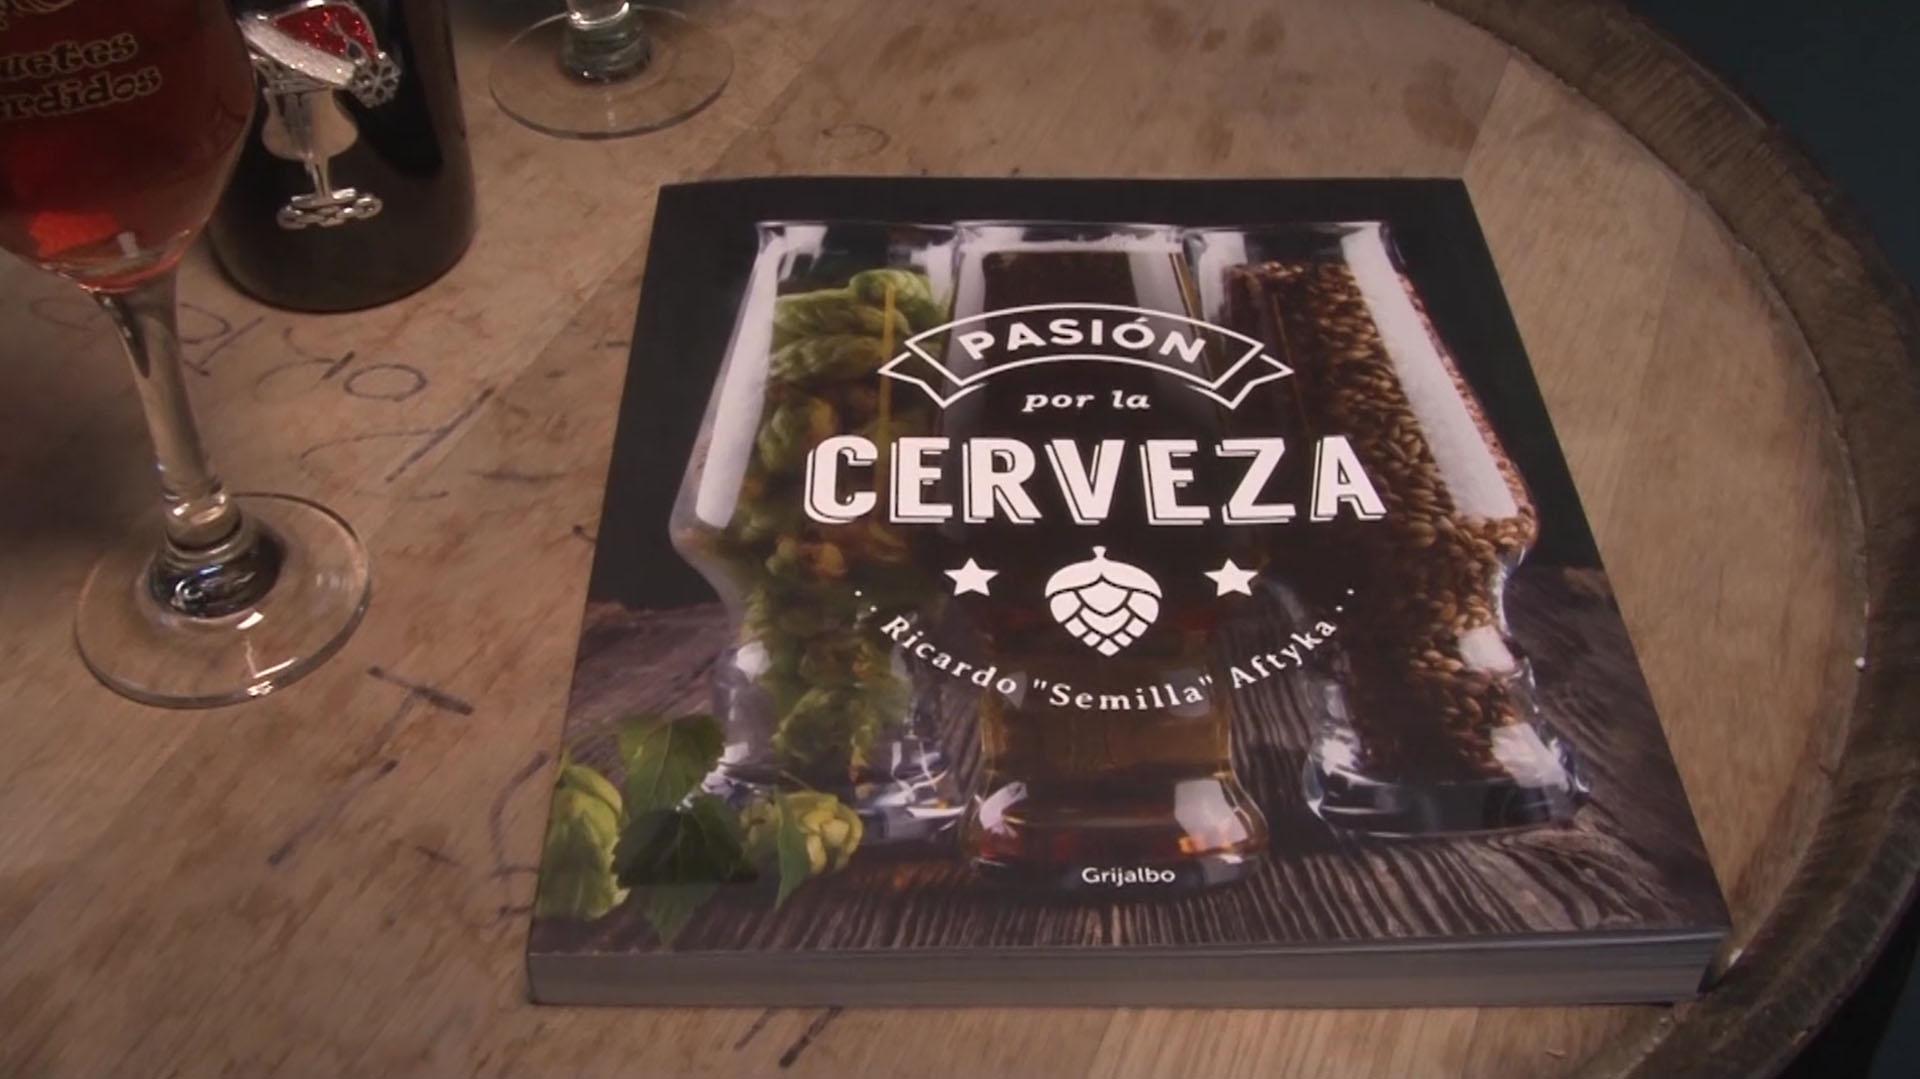 """""""Pasión por la cerveza"""", el primer libro de """"Semilla"""" Aftyka, dedicado a las cervezas artesanales"""